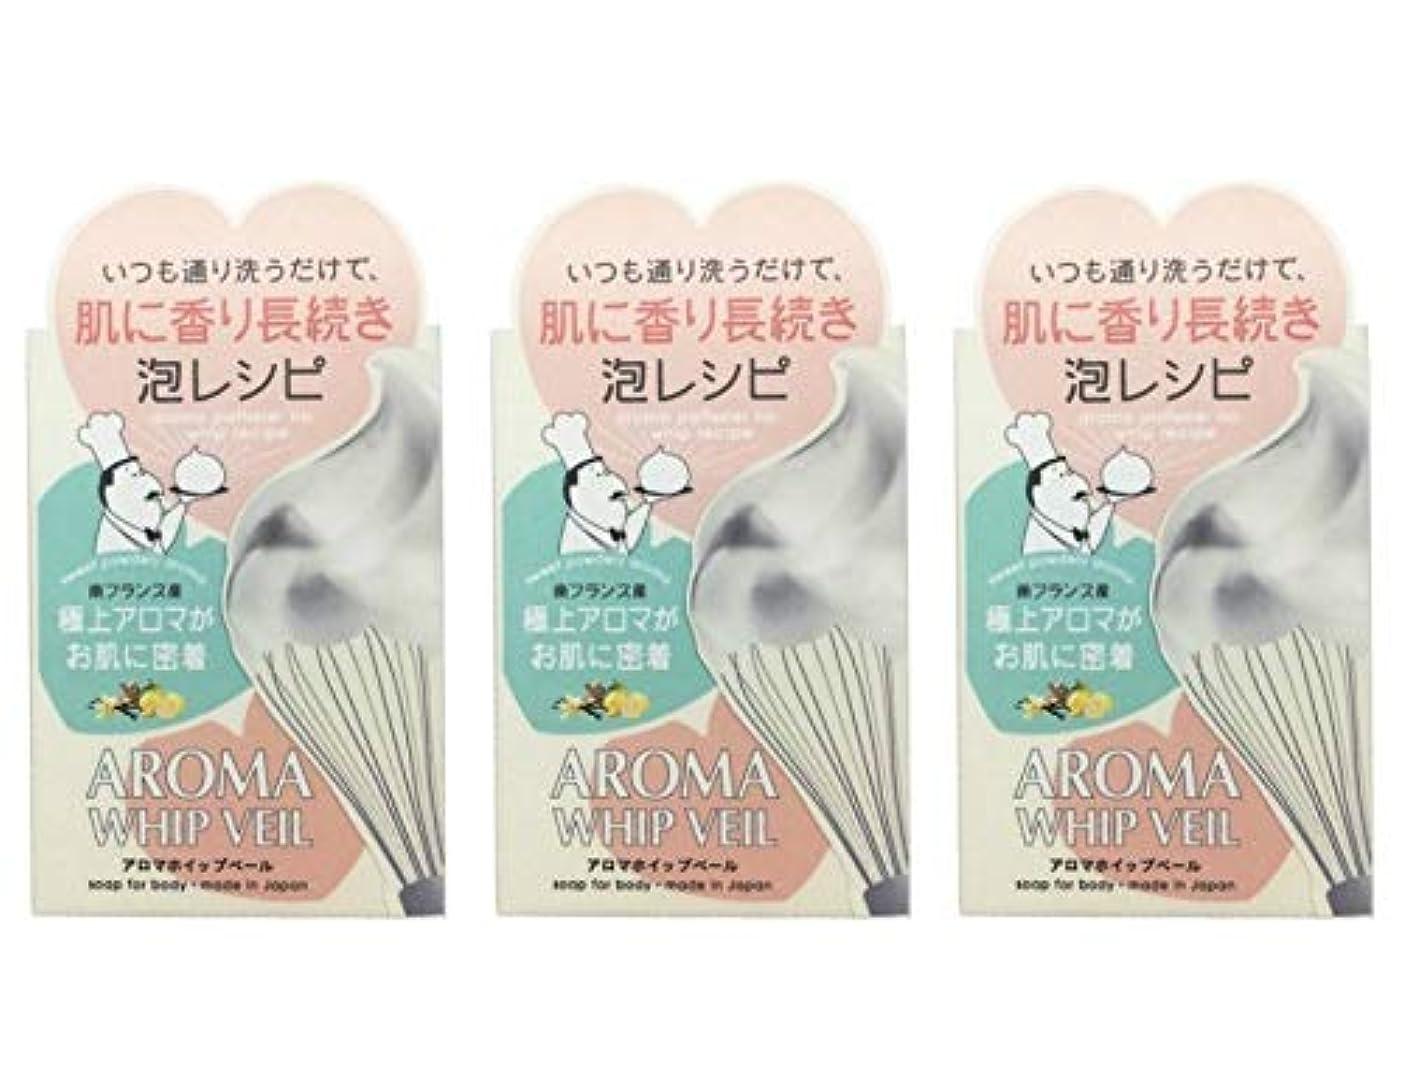 治療ヘアコメンテーター【3個セット】ペリカン石鹸 アロマホイップベール石鹸 100g【3個セット】